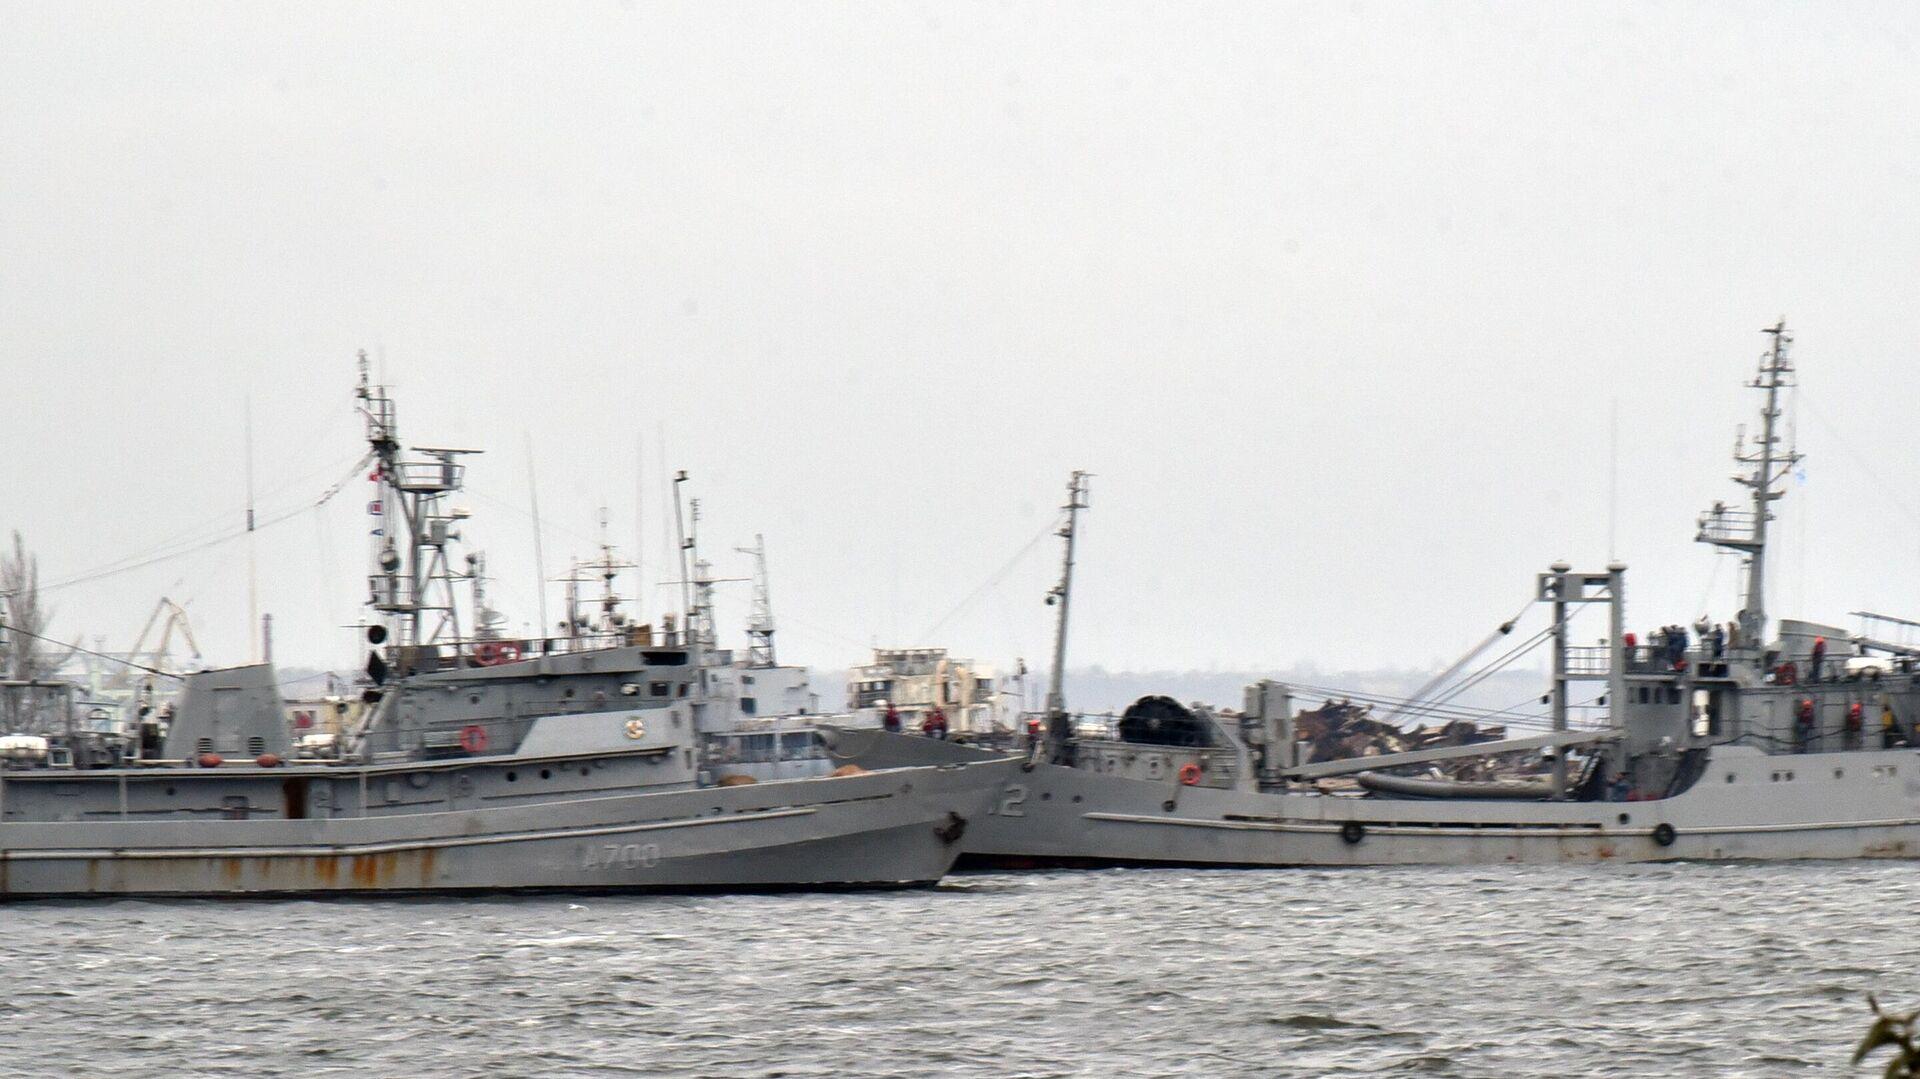 Корабли ВМФ Украины в порту города Очакова - РИА Новости, 1920, 12.10.2021